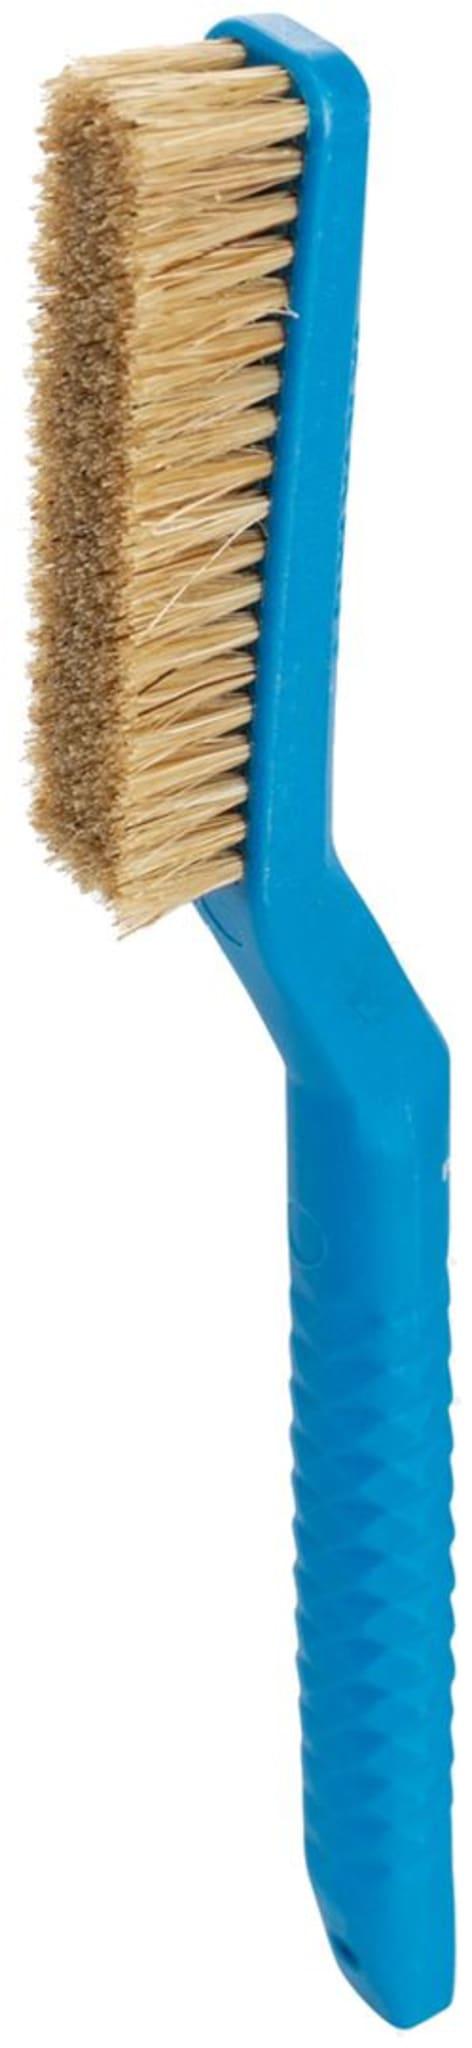 Sender Brush